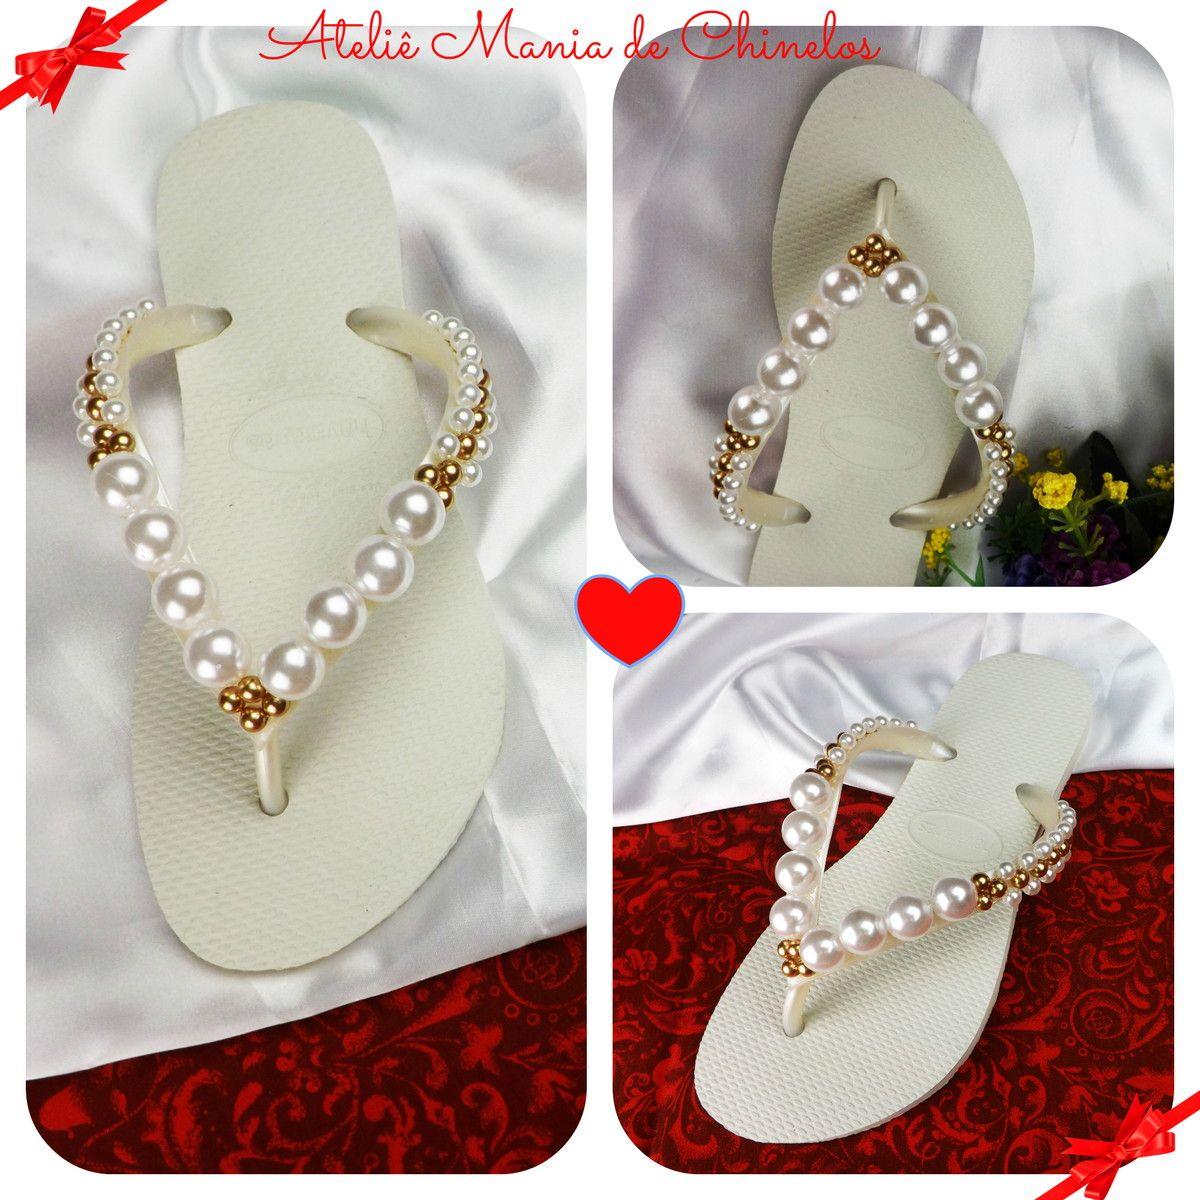 f77cfe87f Chinelo Havaianas personalizado com um lindo bordado de pérolas brancas e  douradas. Uma opção para relaxar os seus pés e deixar você curtir a sua  festa com ...